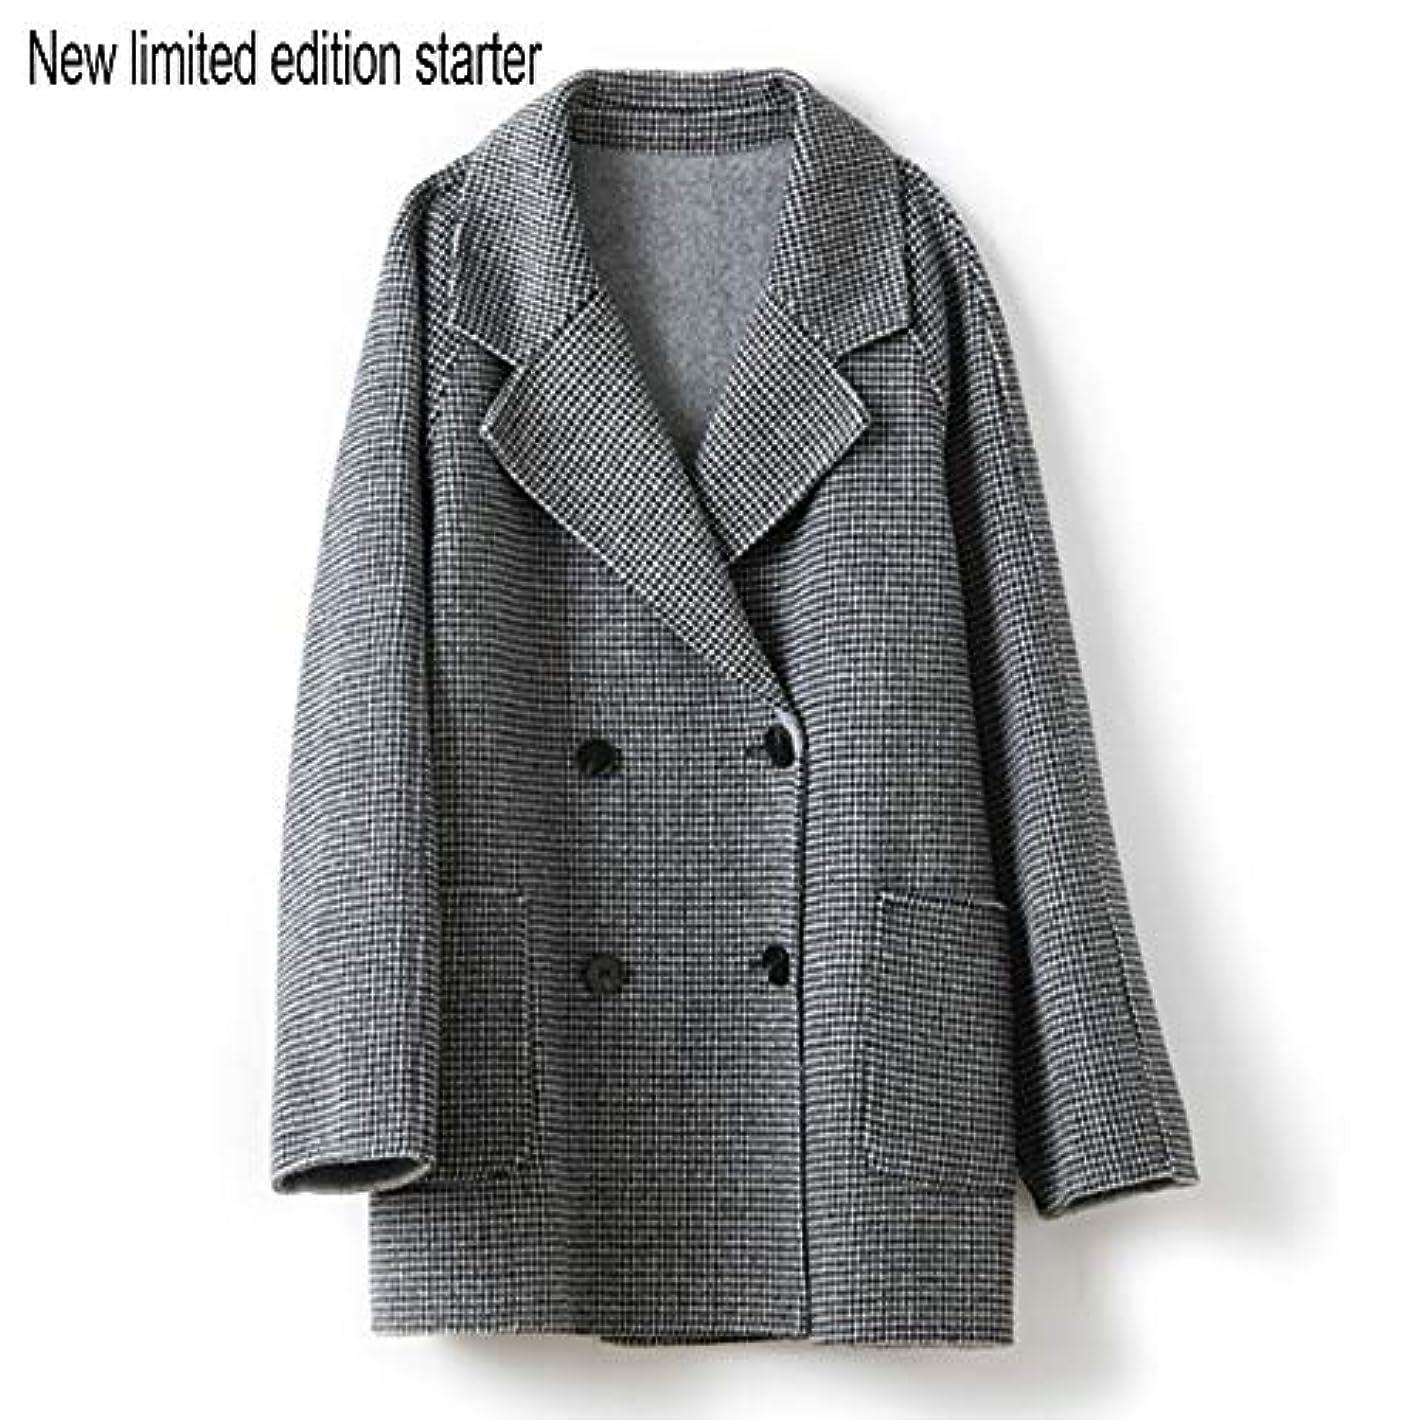 頭中止します破滅的なウールコート婦人服、ダブルブレストラペルファインダブルフェイスコートレディースロングセクションウールコート婦人服,黒,L